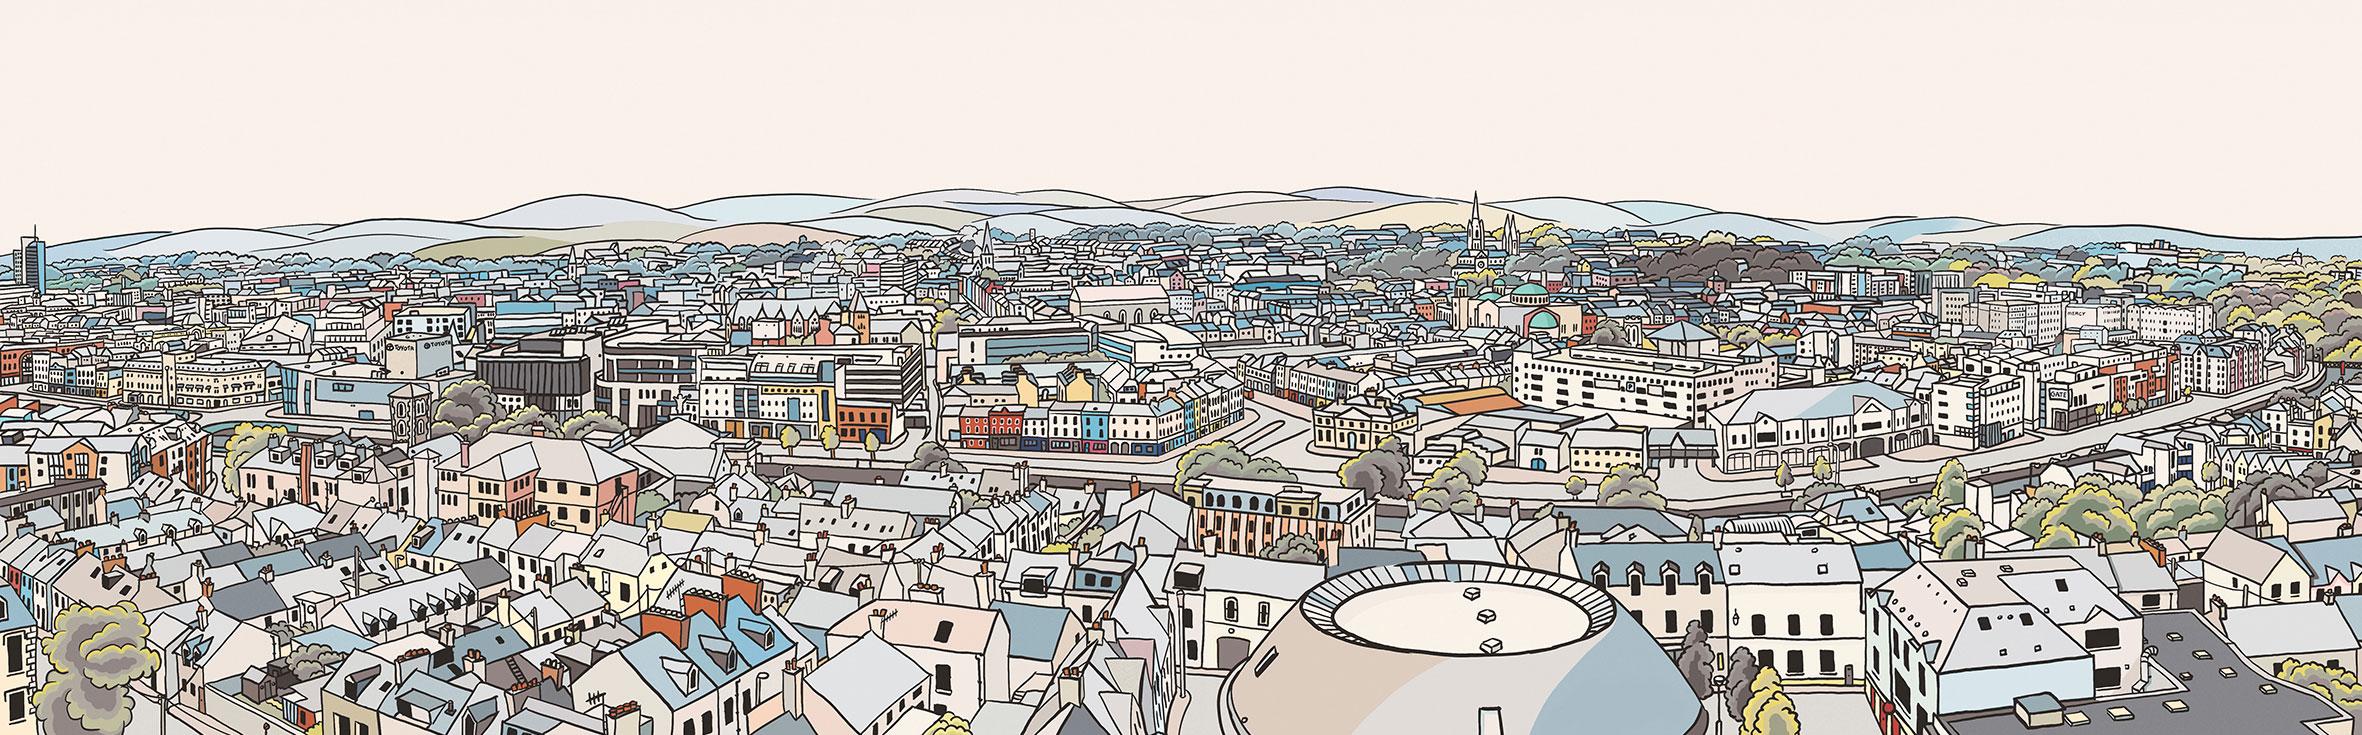 Cork-City-full.jpg